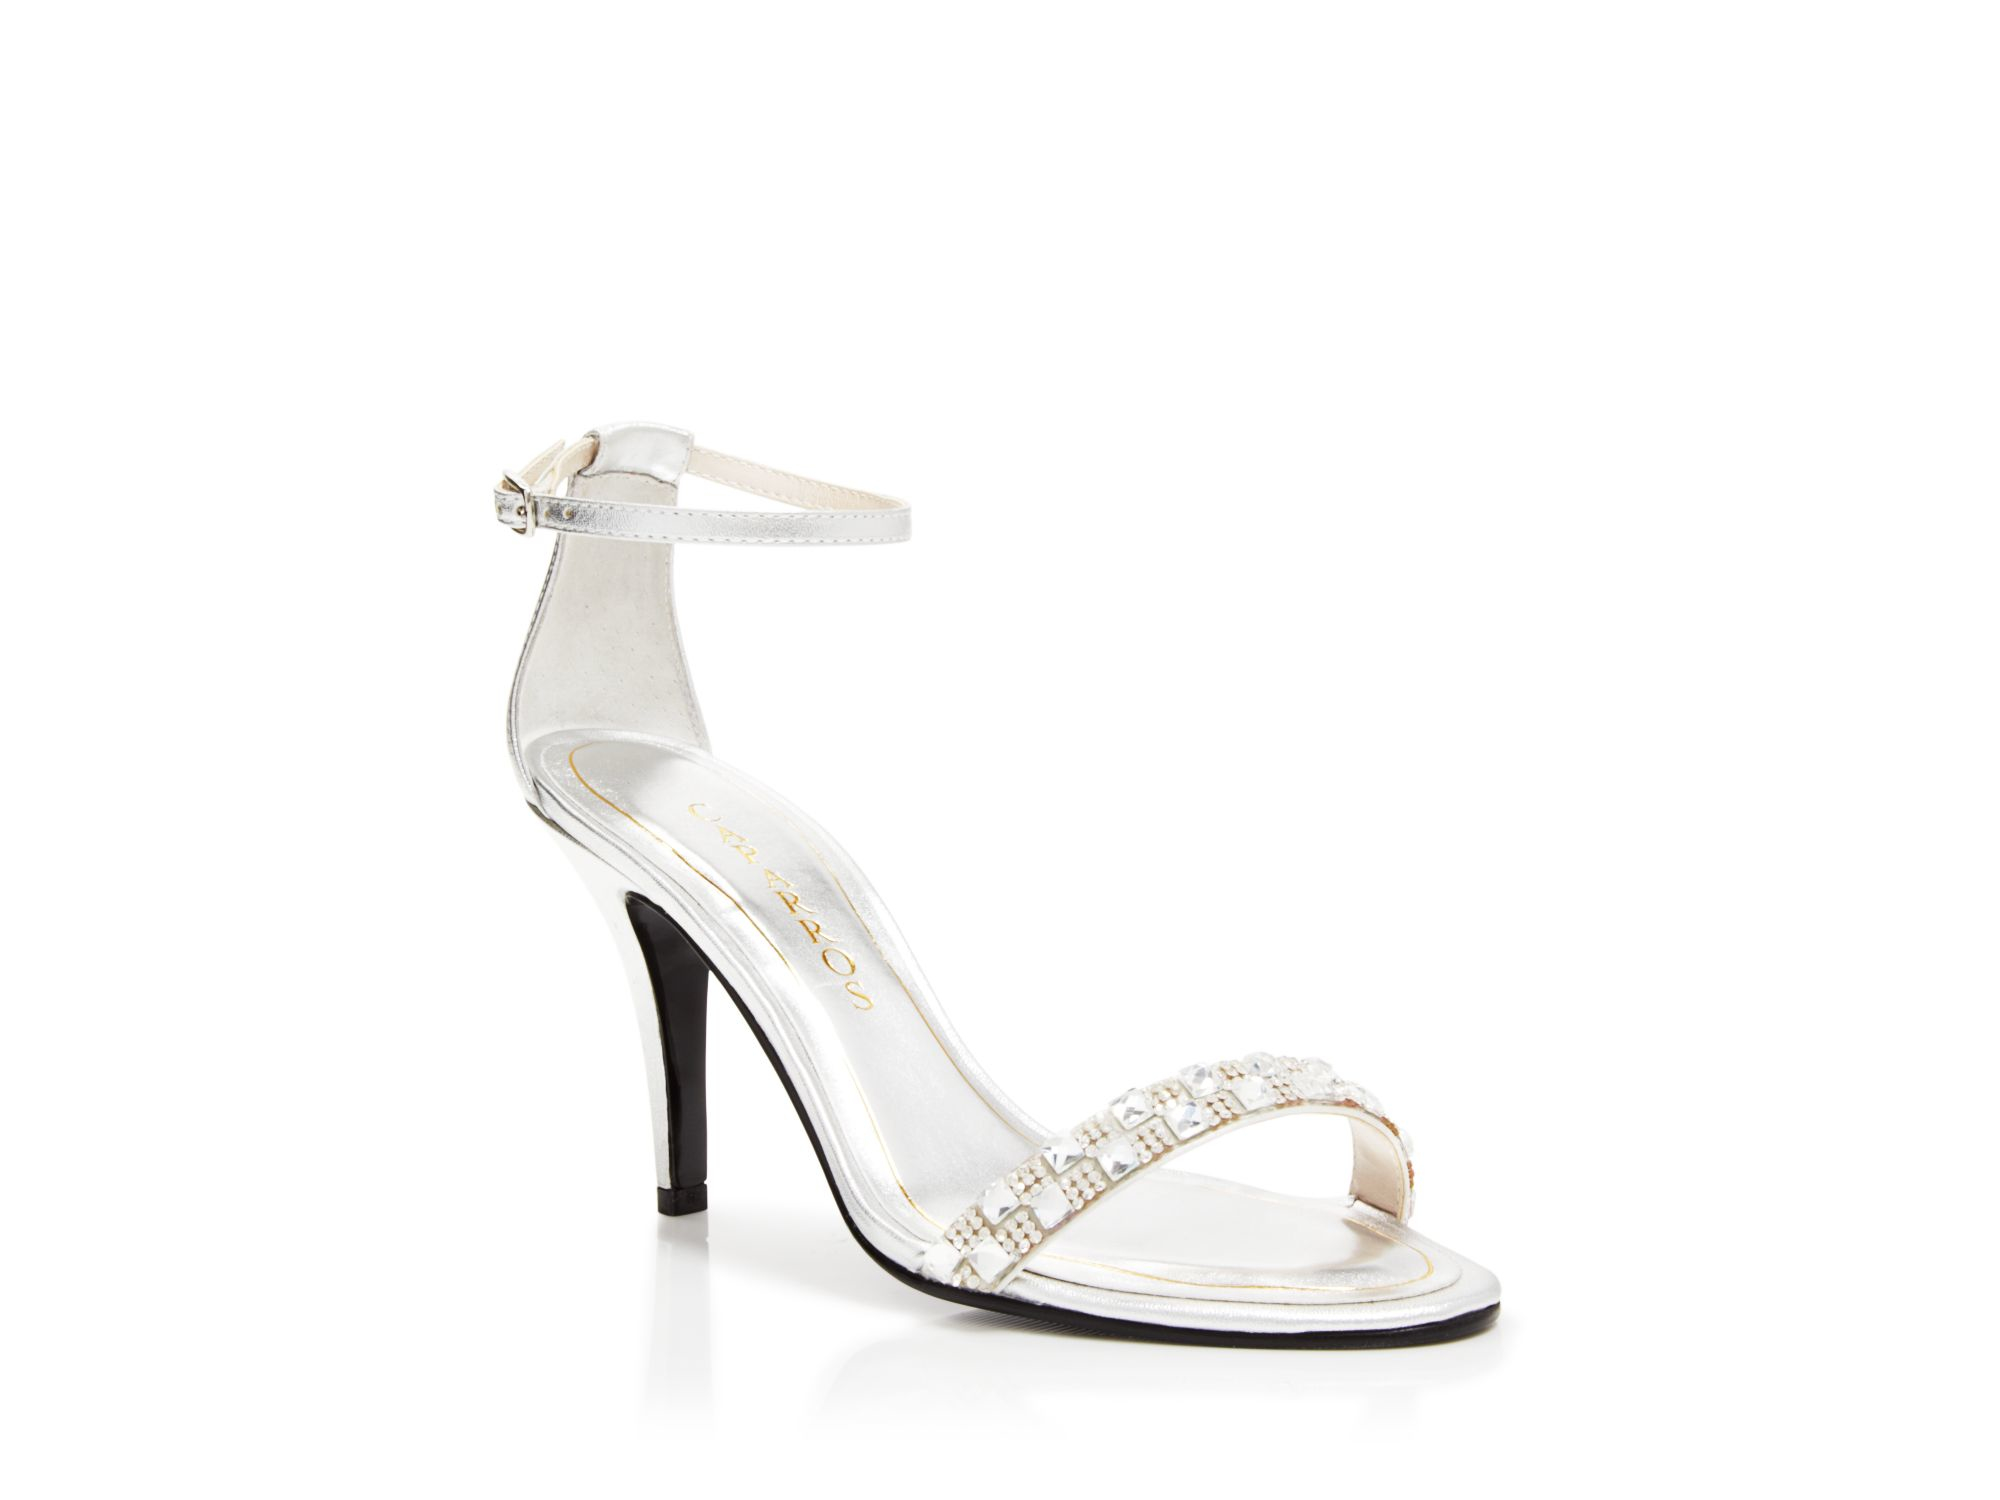 cf9c963d2ee2 Lyst - Caparros Open Toe Evening Sandals - Sequoia High Heel in Metallic